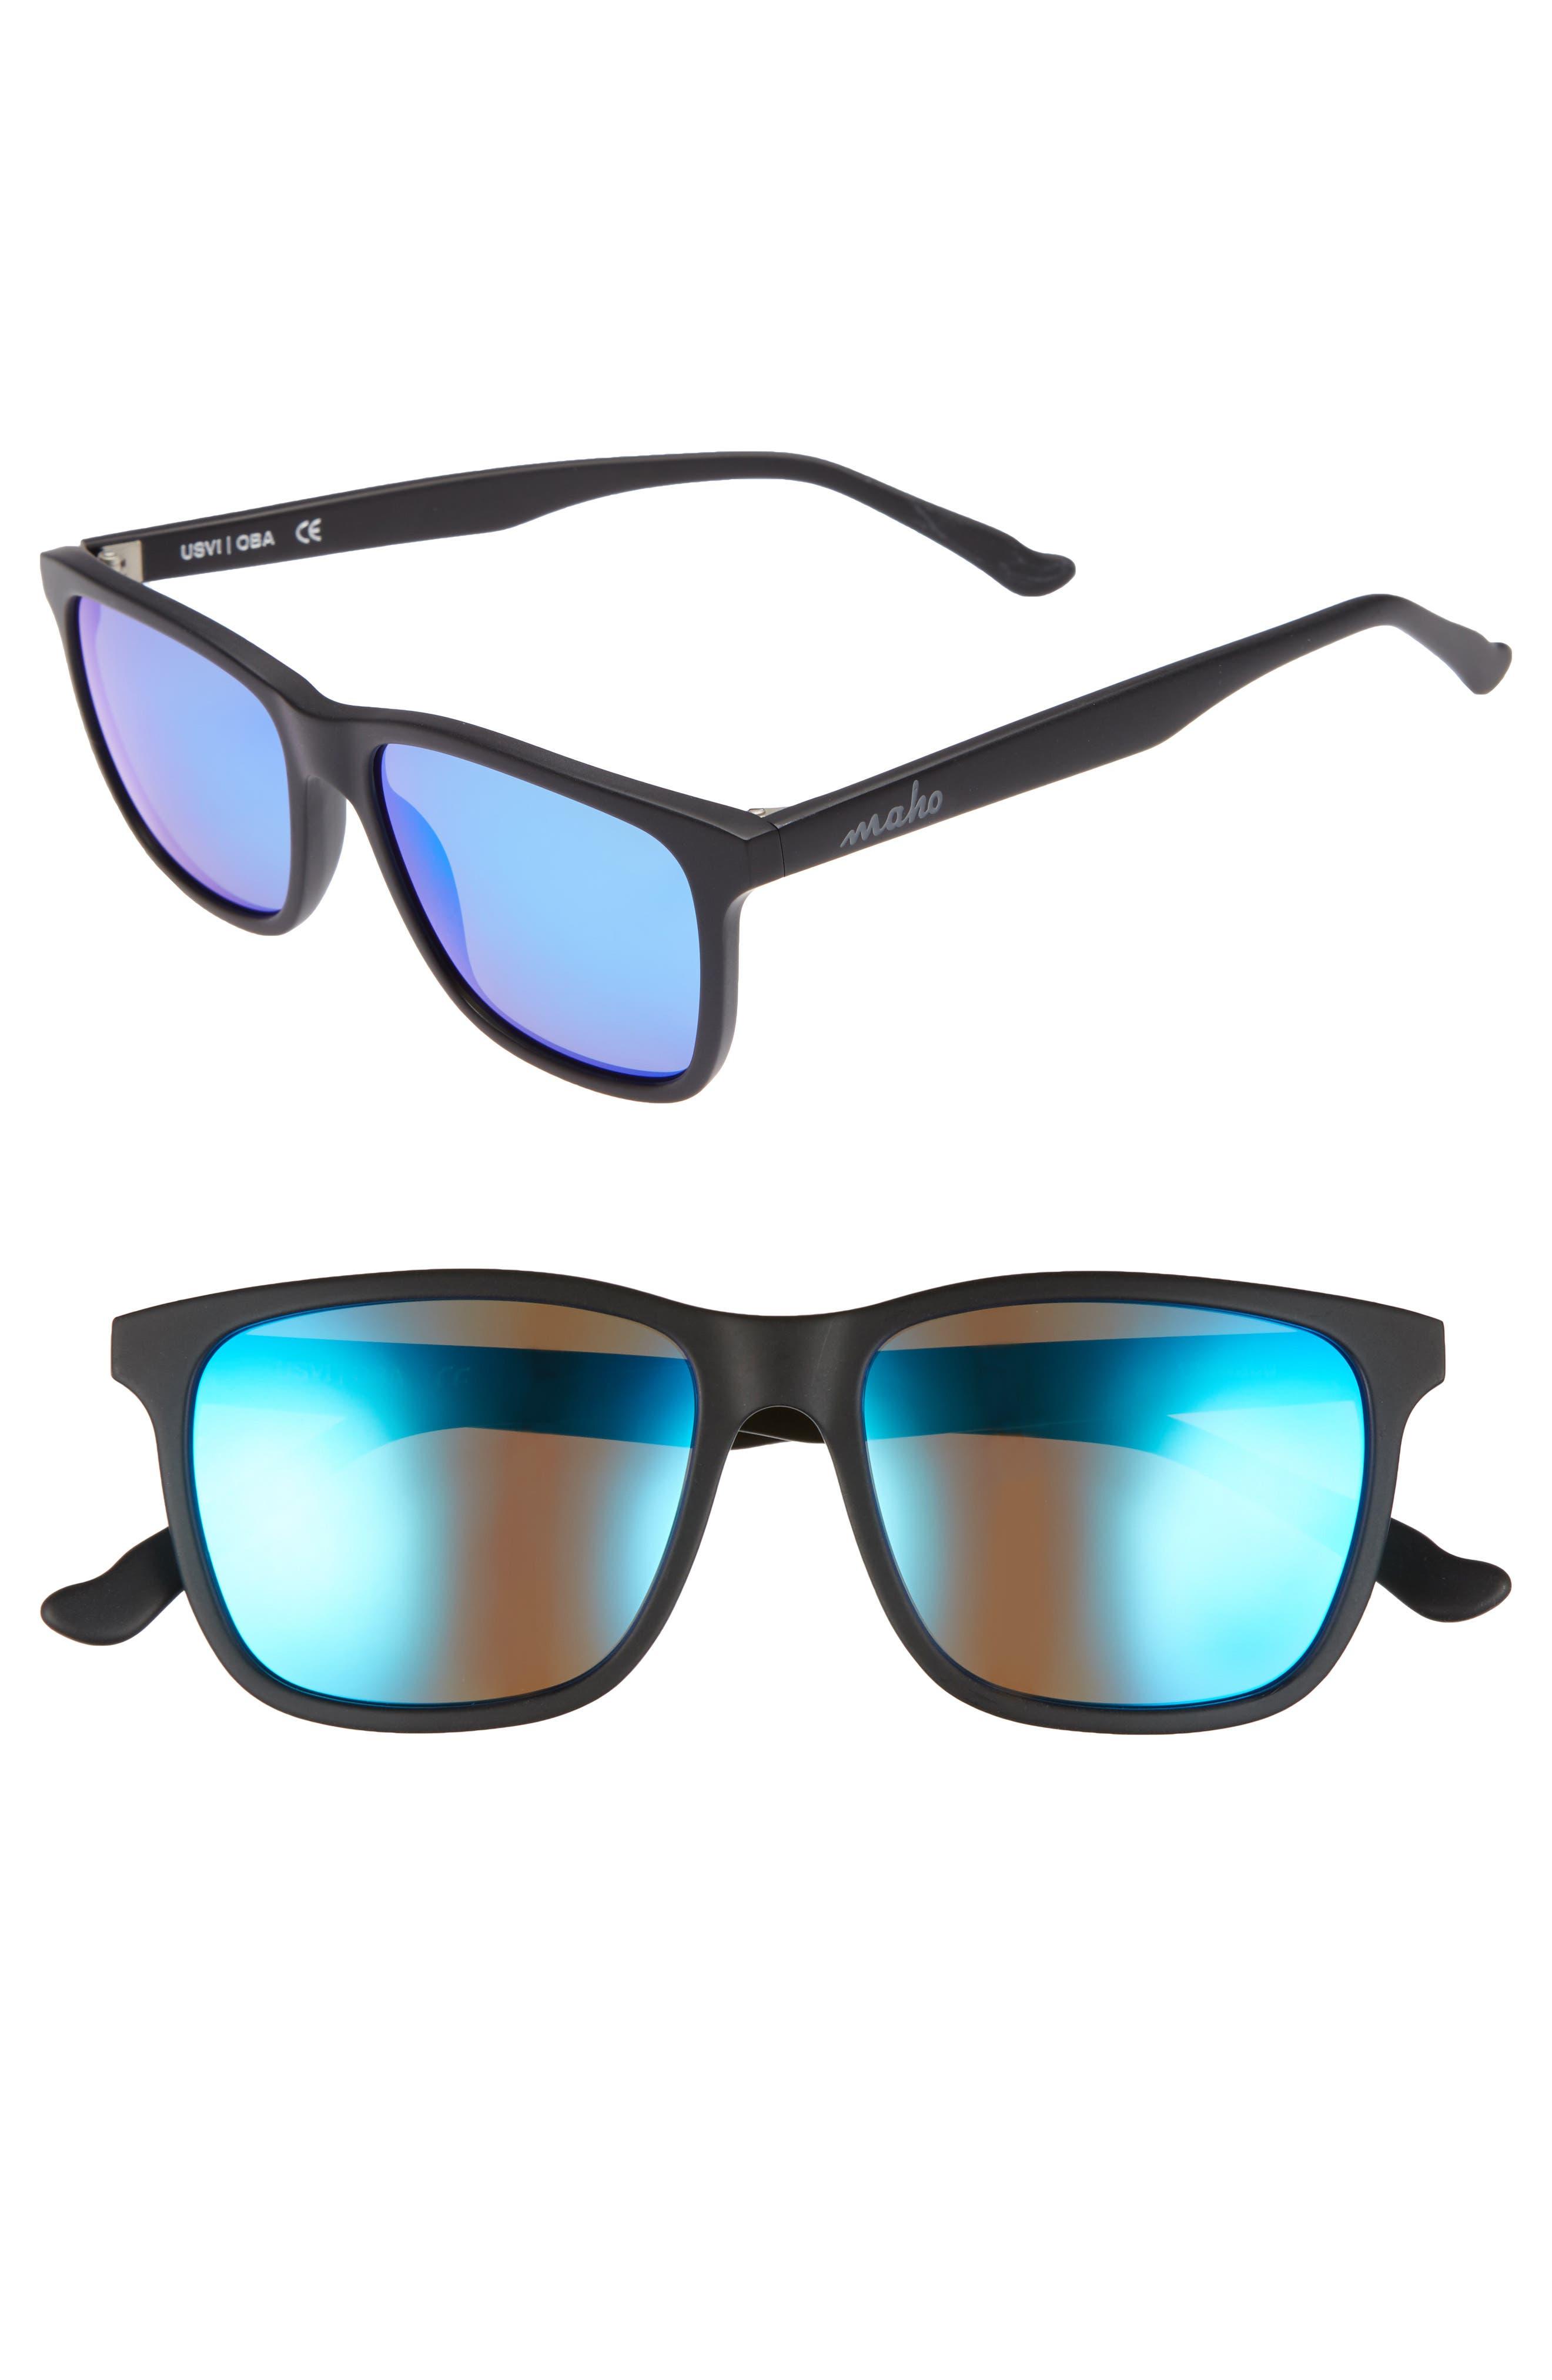 Uluwatu 52mm Polarized Sunglasses,                         Main,                         color, 020